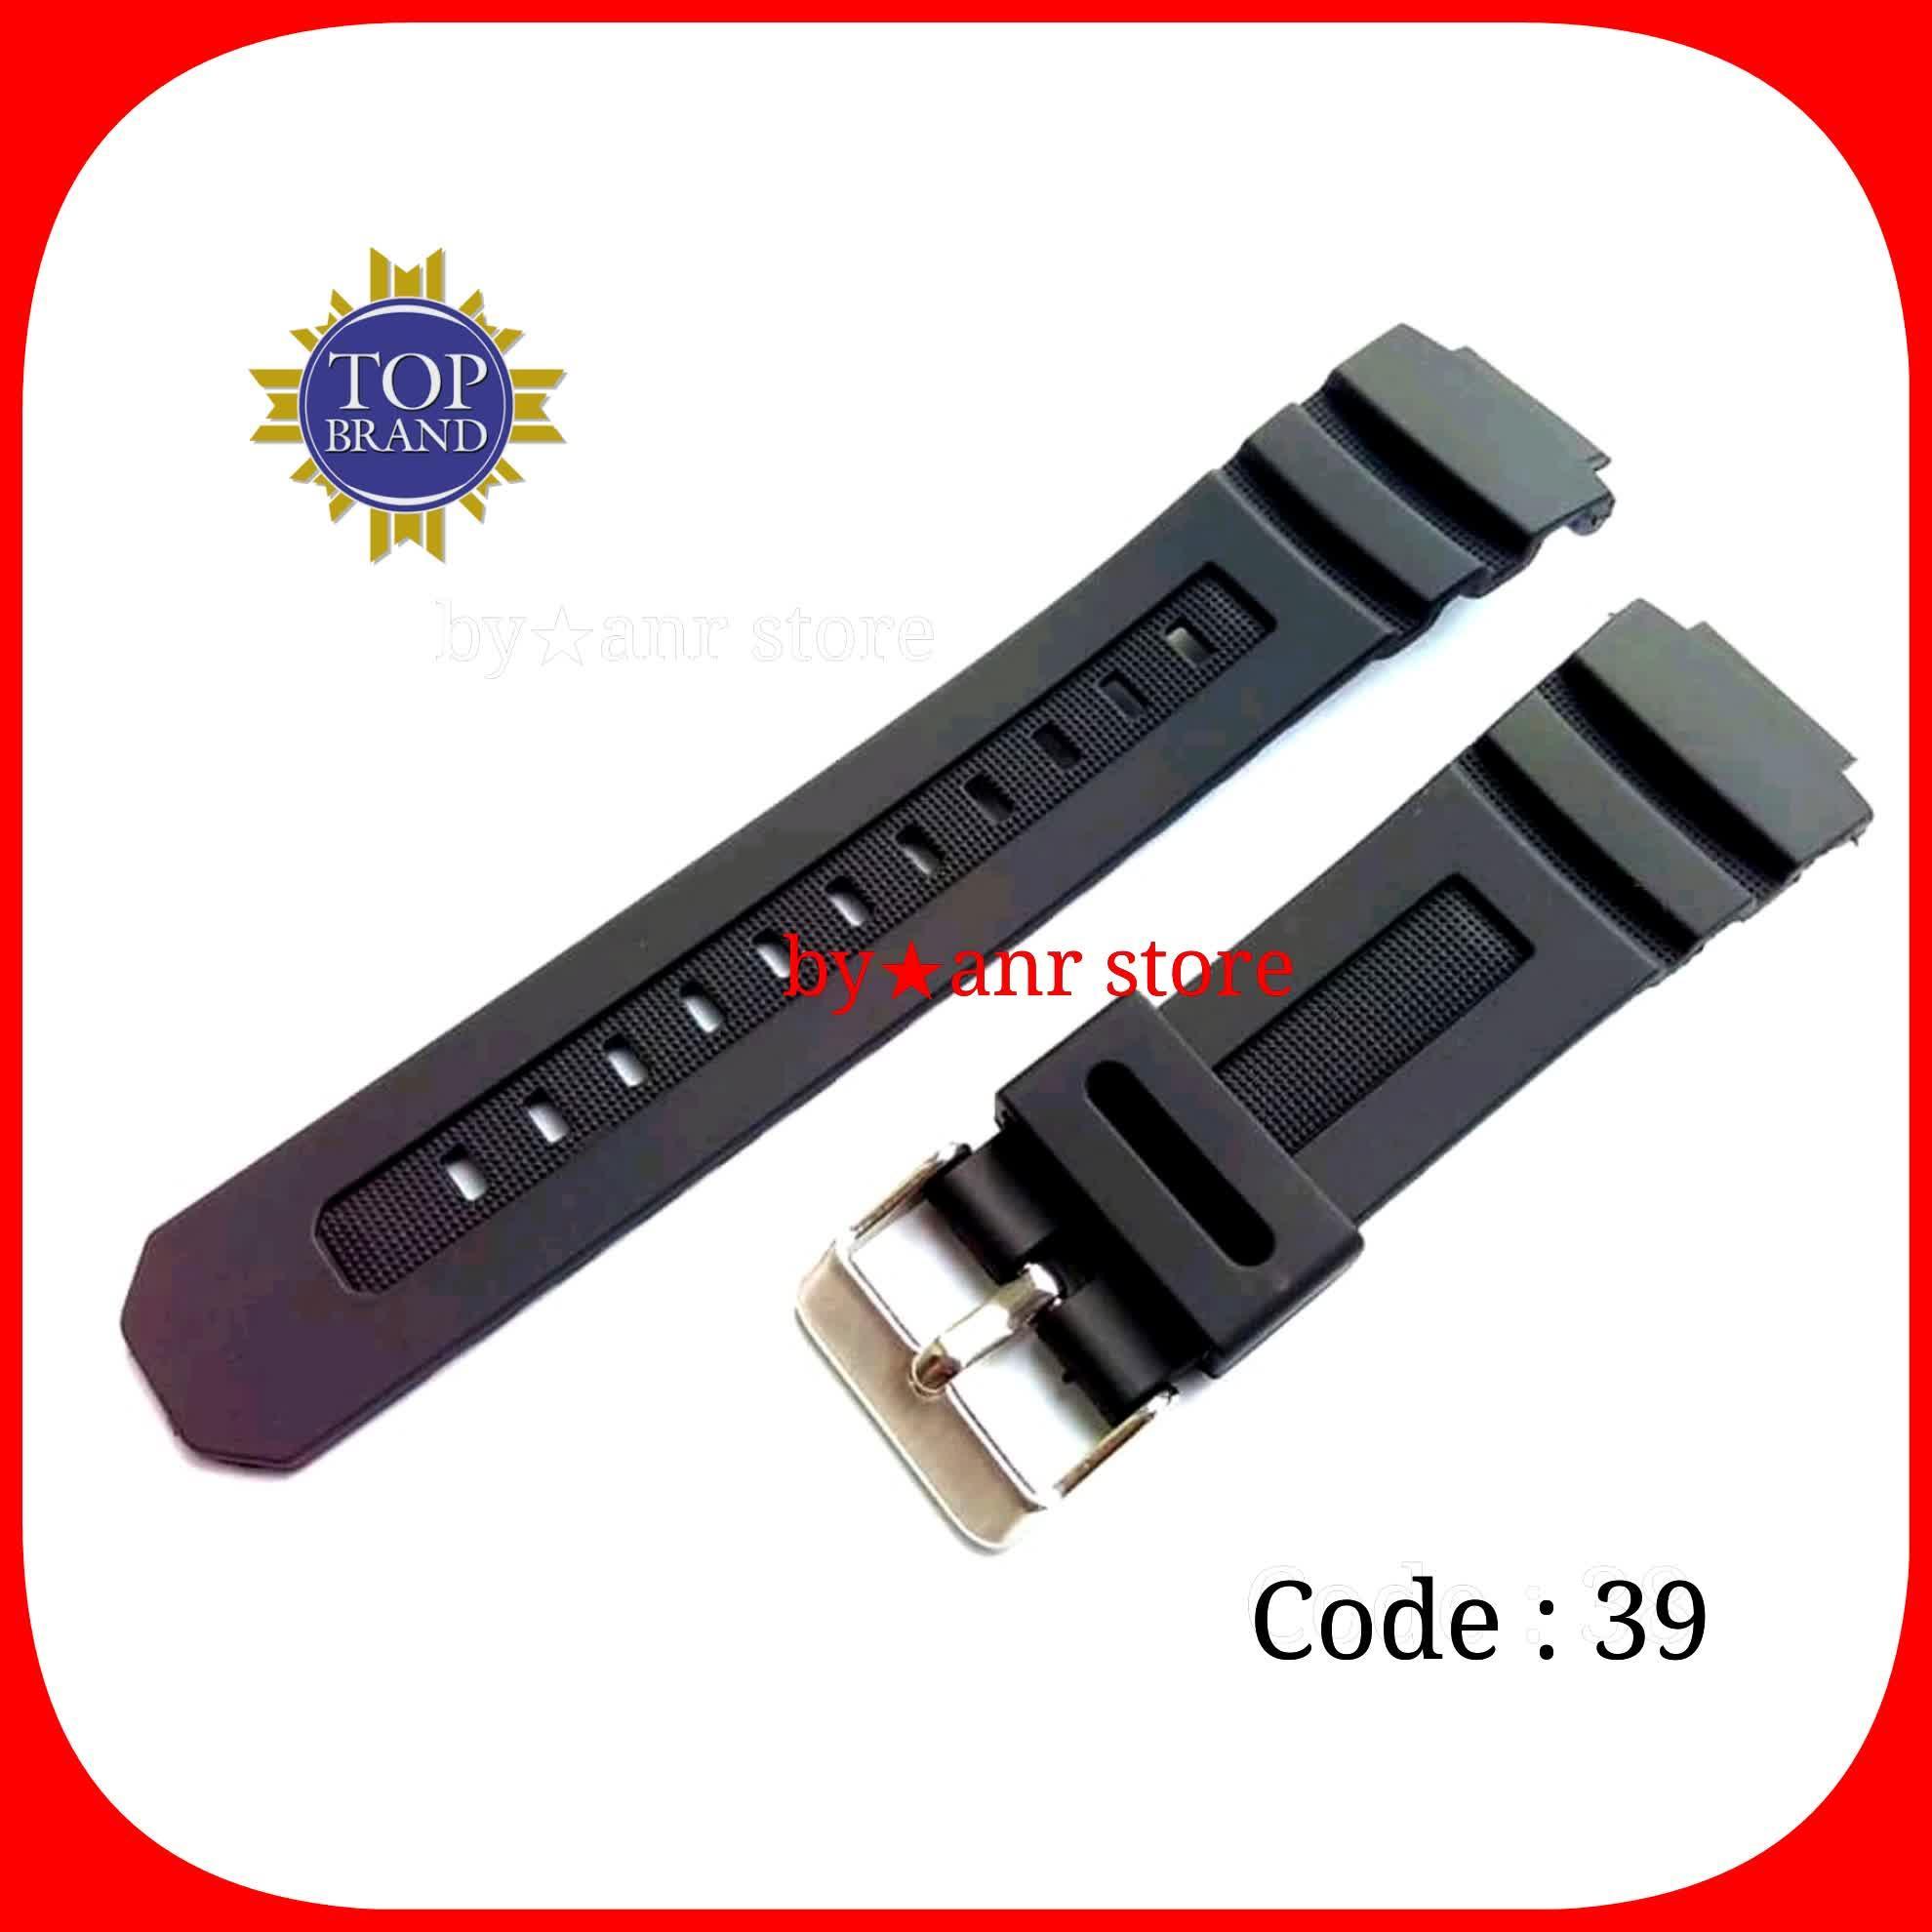 Kelebihan Casio G Shock 7710 1 Jam Tangan Pria Black Strap Resin Gd 350 1b Original Tali G7710